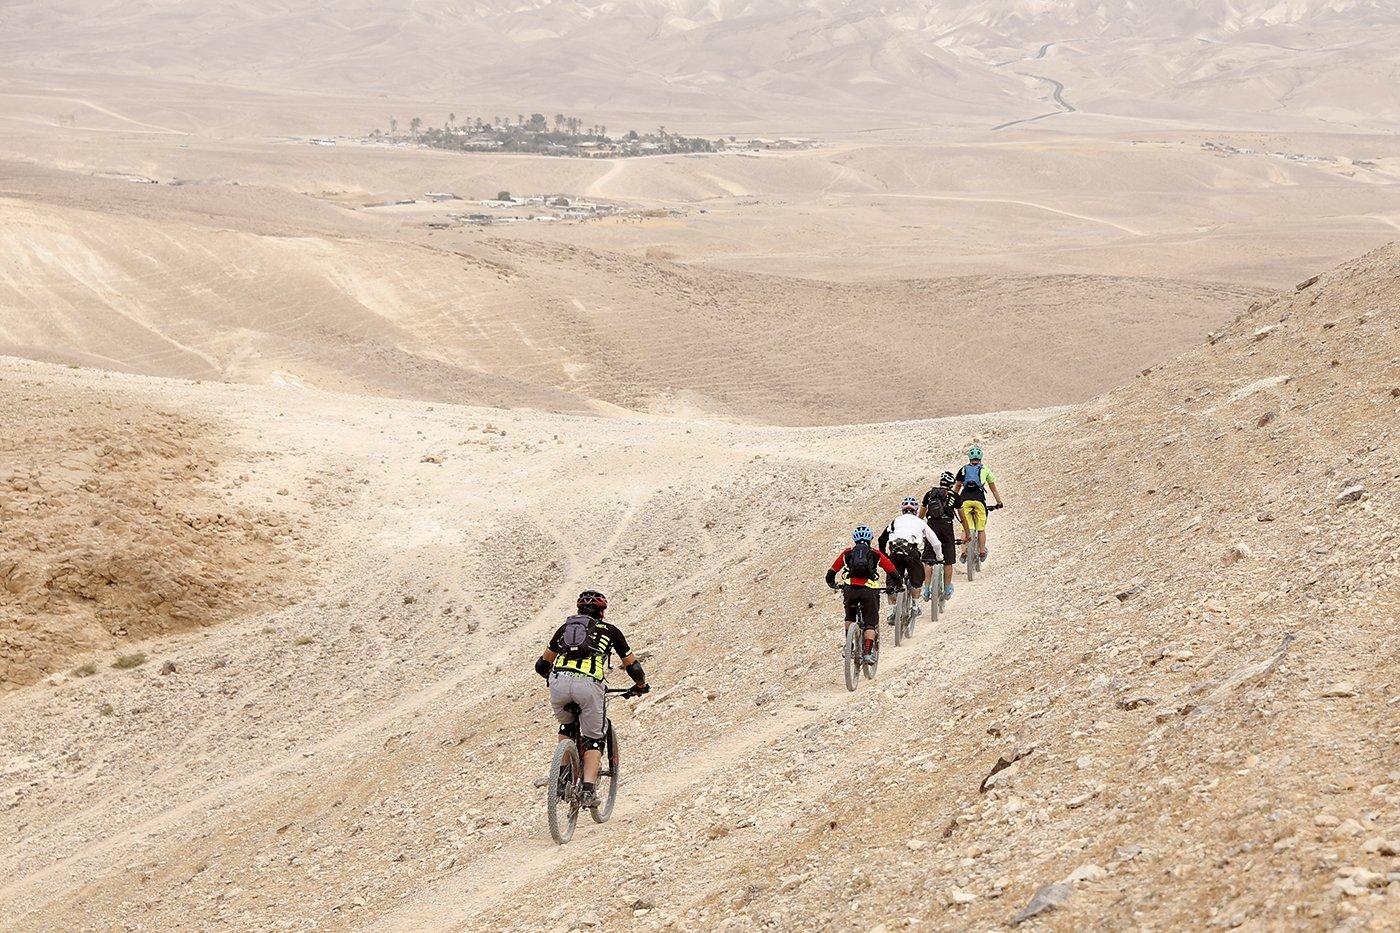 חופשת ספורט במדבר: ברקע - כפר הנוקדים בבקעת הקנאים